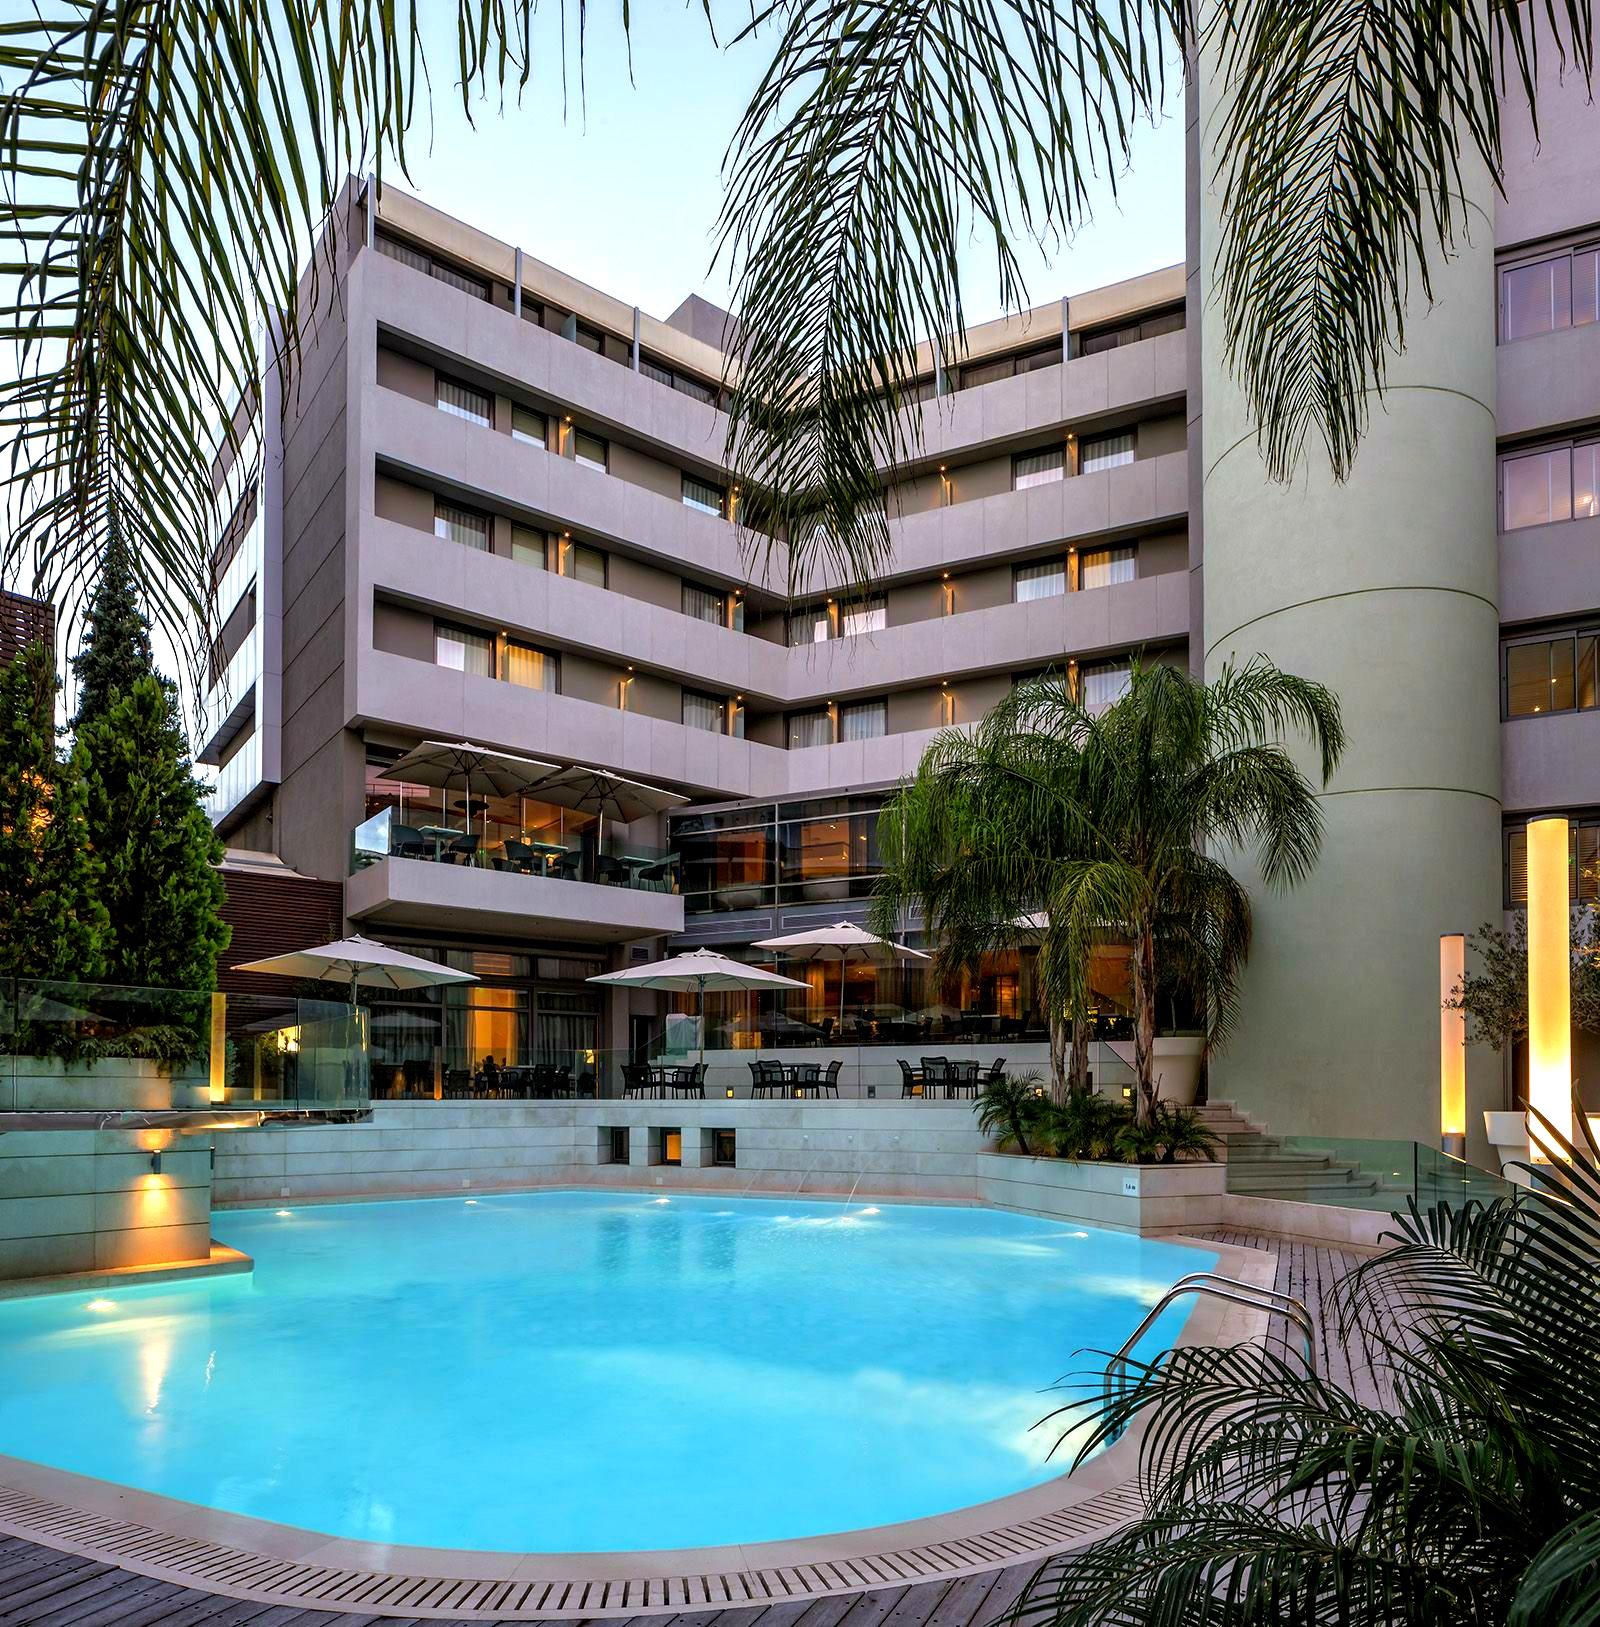 Galaxy hotel pool in Heraklion.jpg